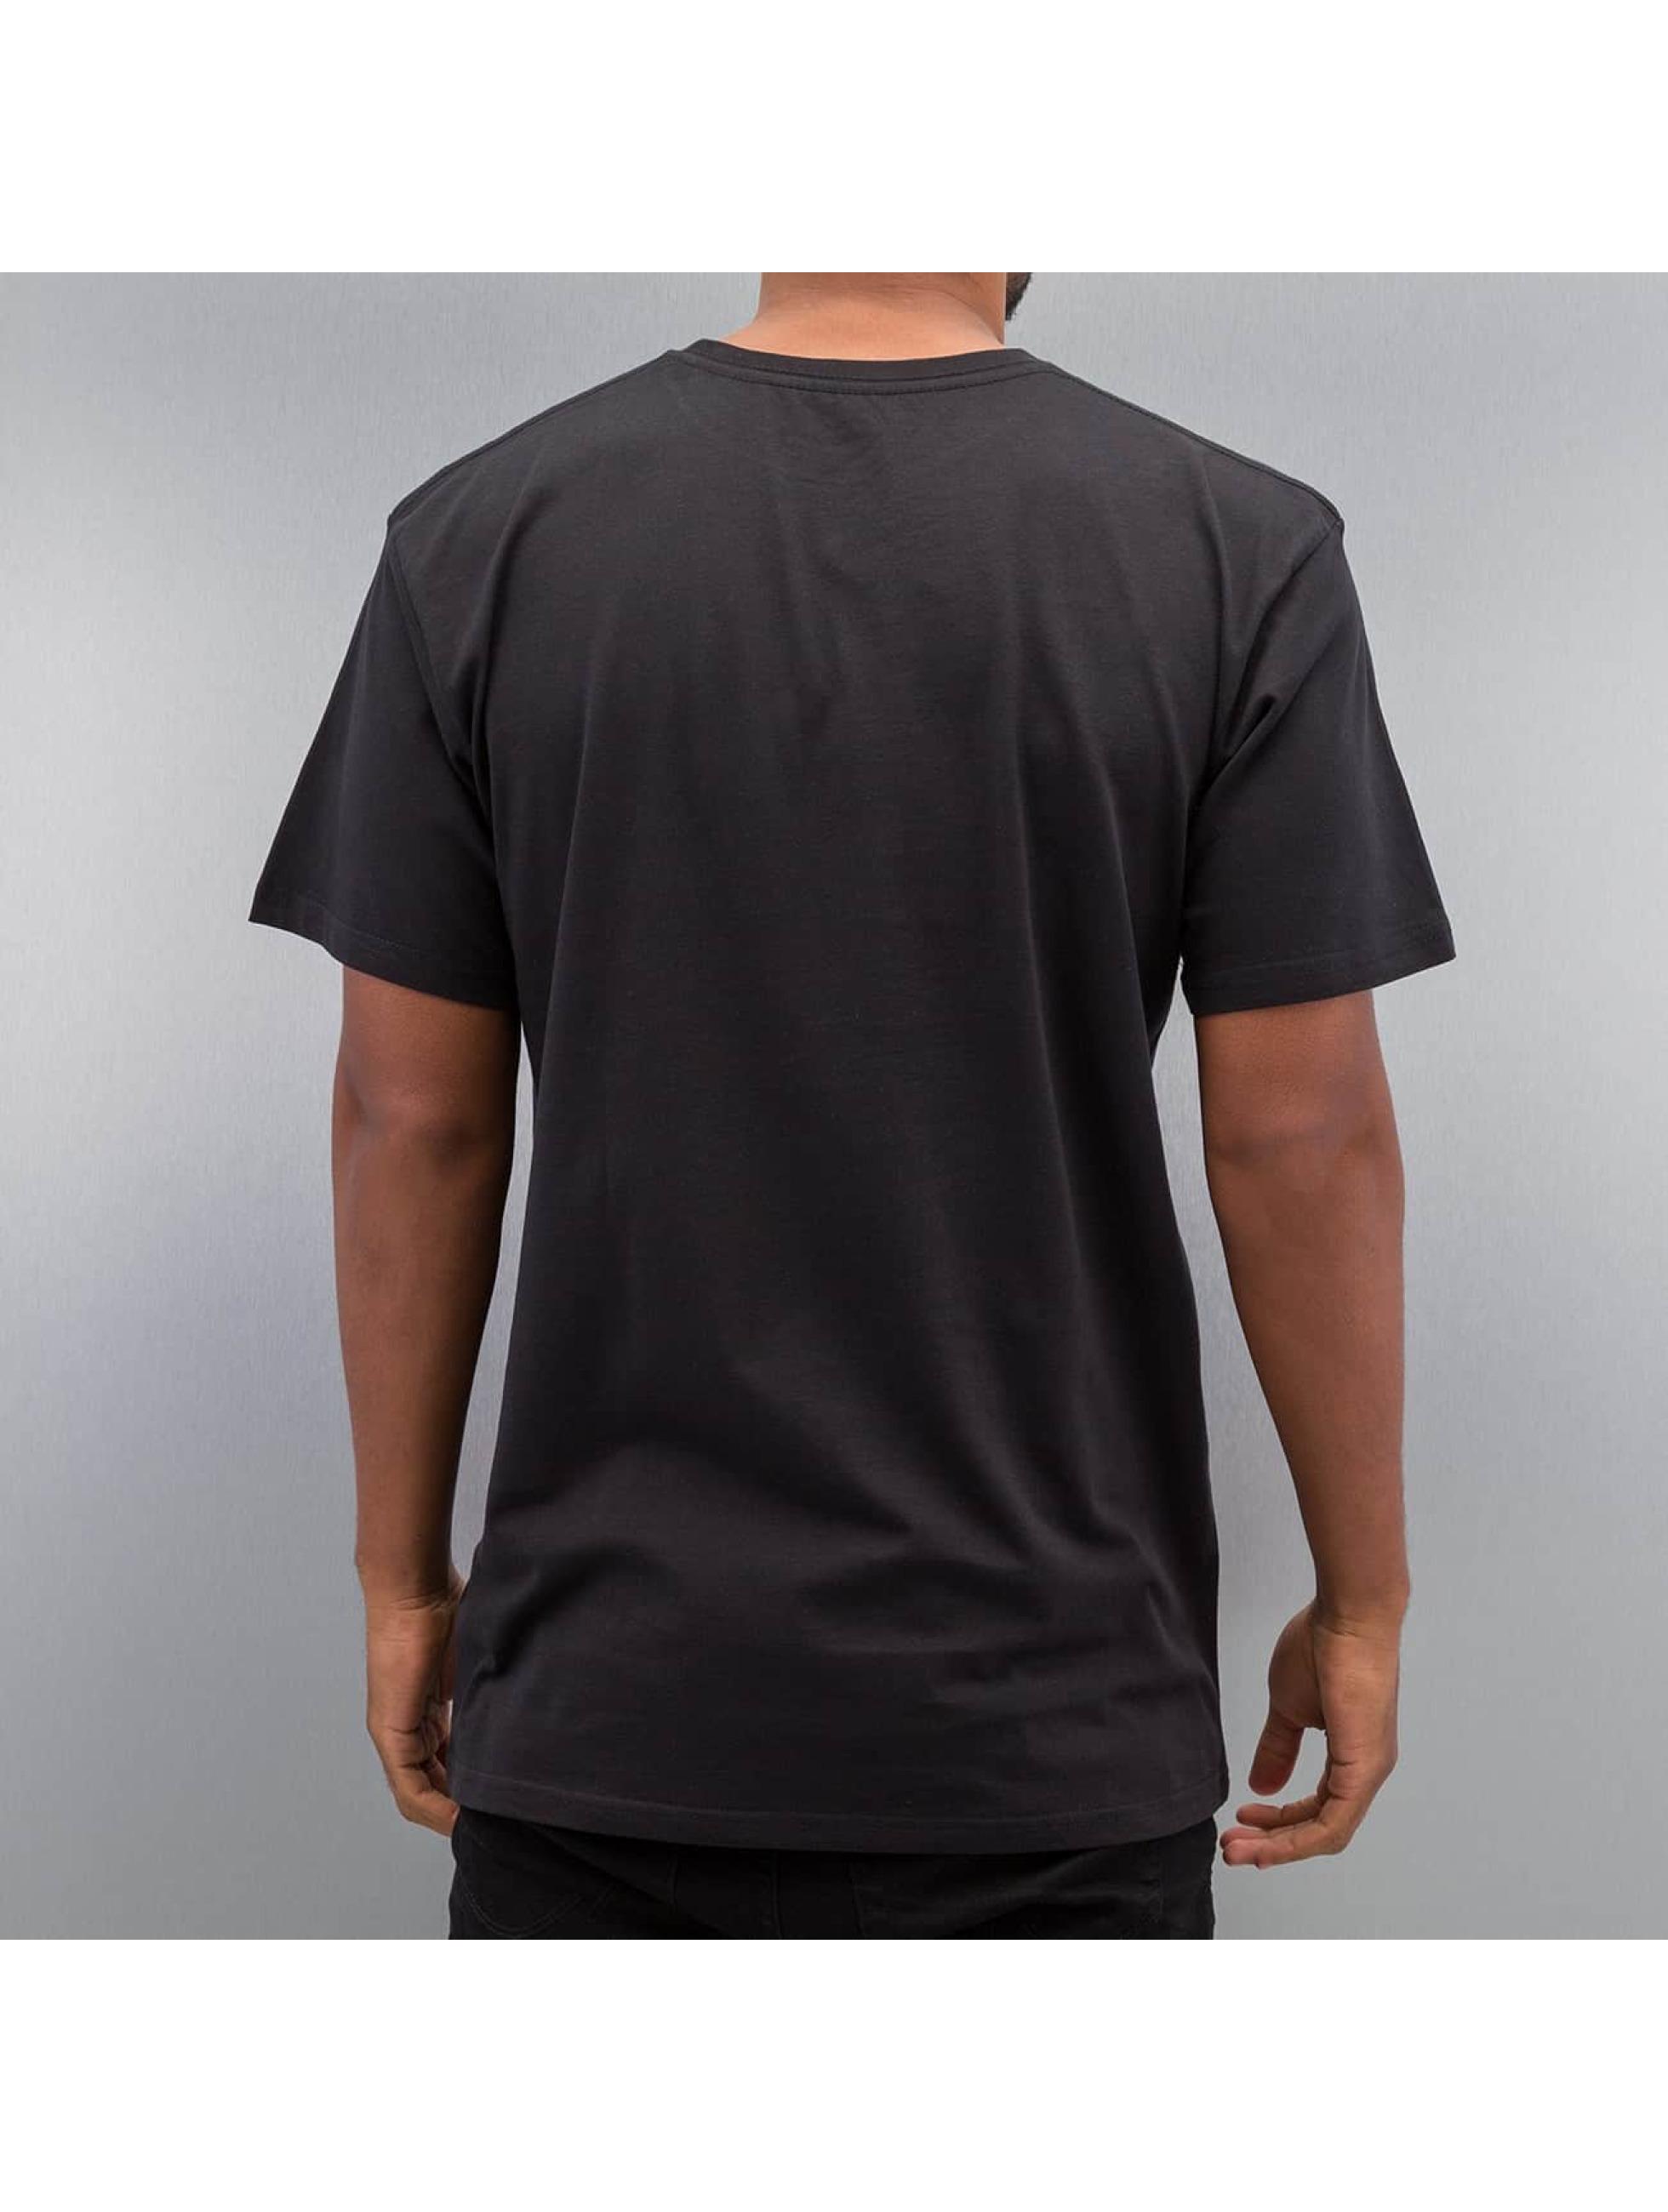 Quiksilver T-skjorter Mugshot svart